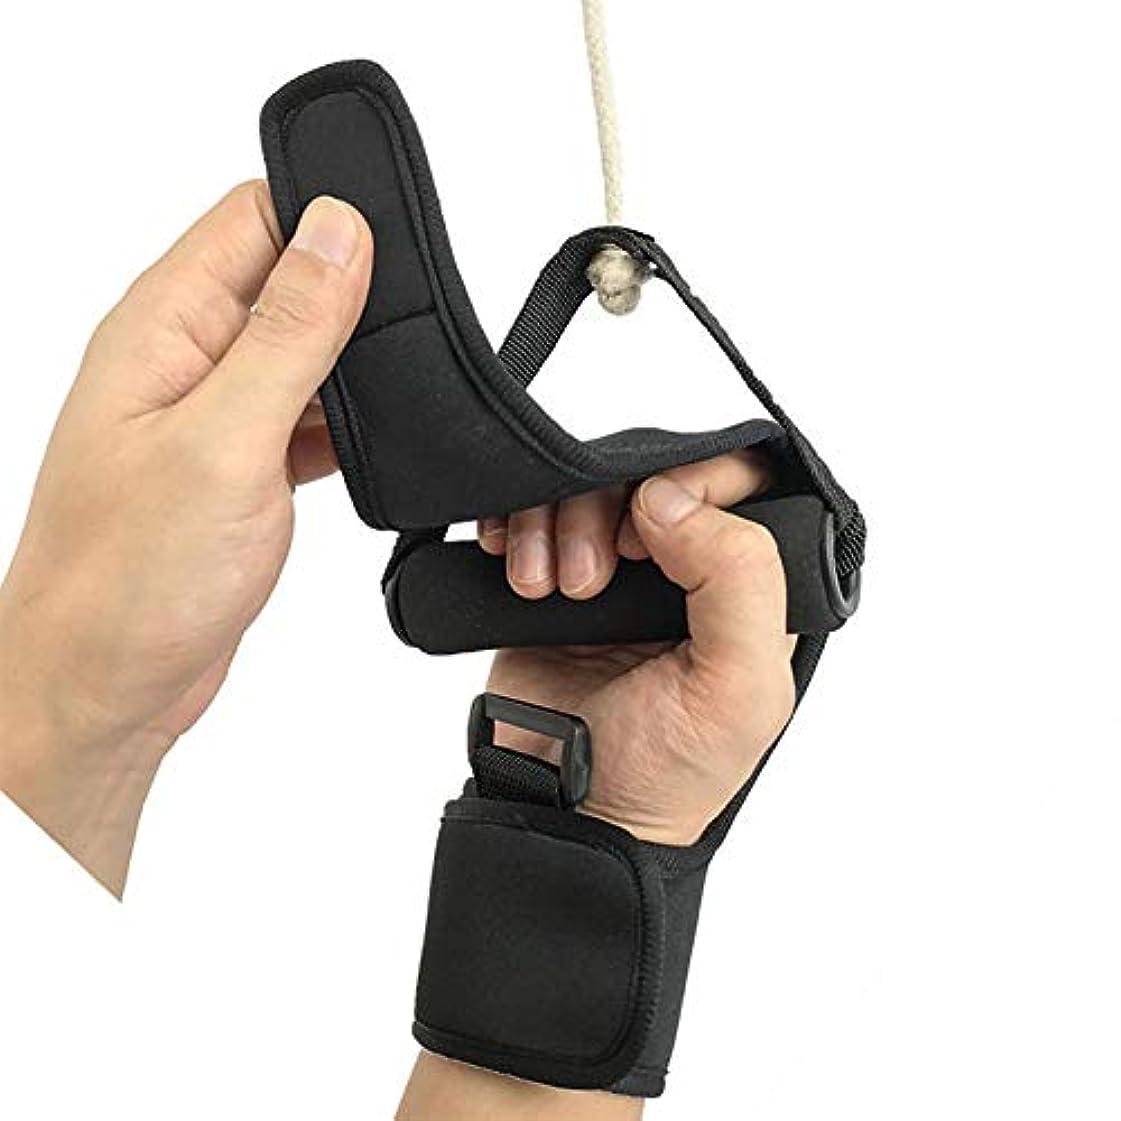 混合反逆世紀固定手袋リハビリテーション訓練機器アンチスキッド通気性ハンドフィストフィンガーグローブ、